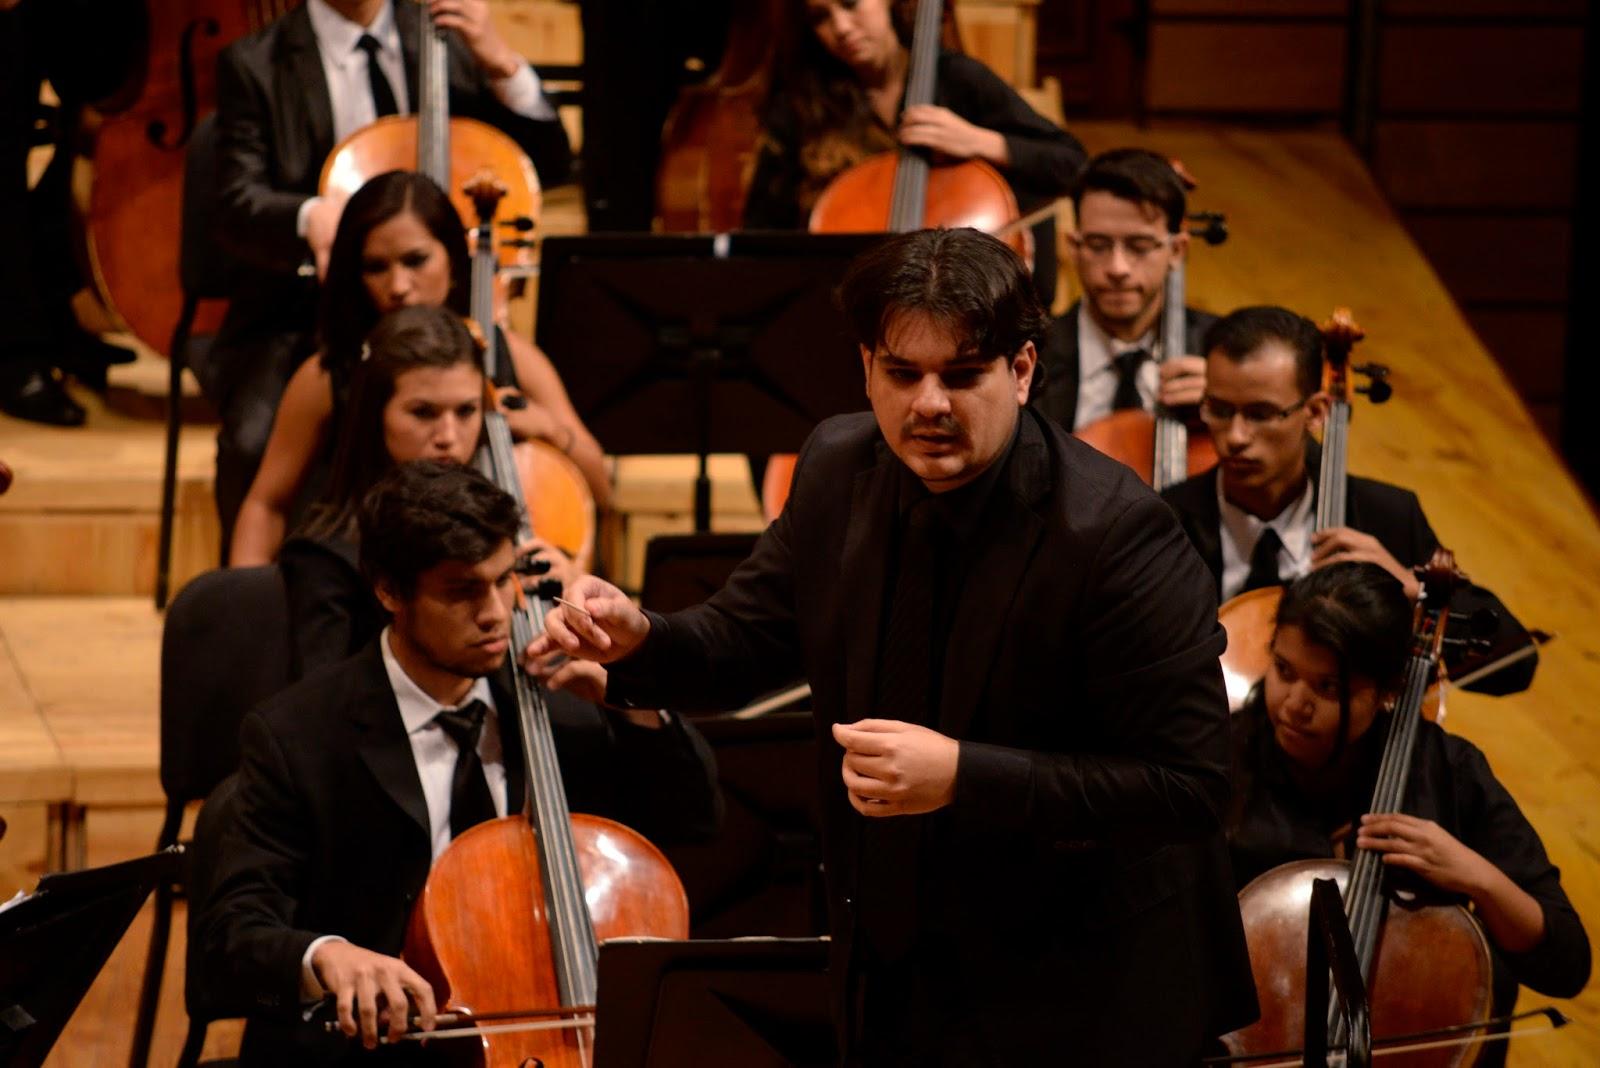 Conservatorio de m sica sim n bol var giancarlo castro for Conservatorio simon bolivar blog